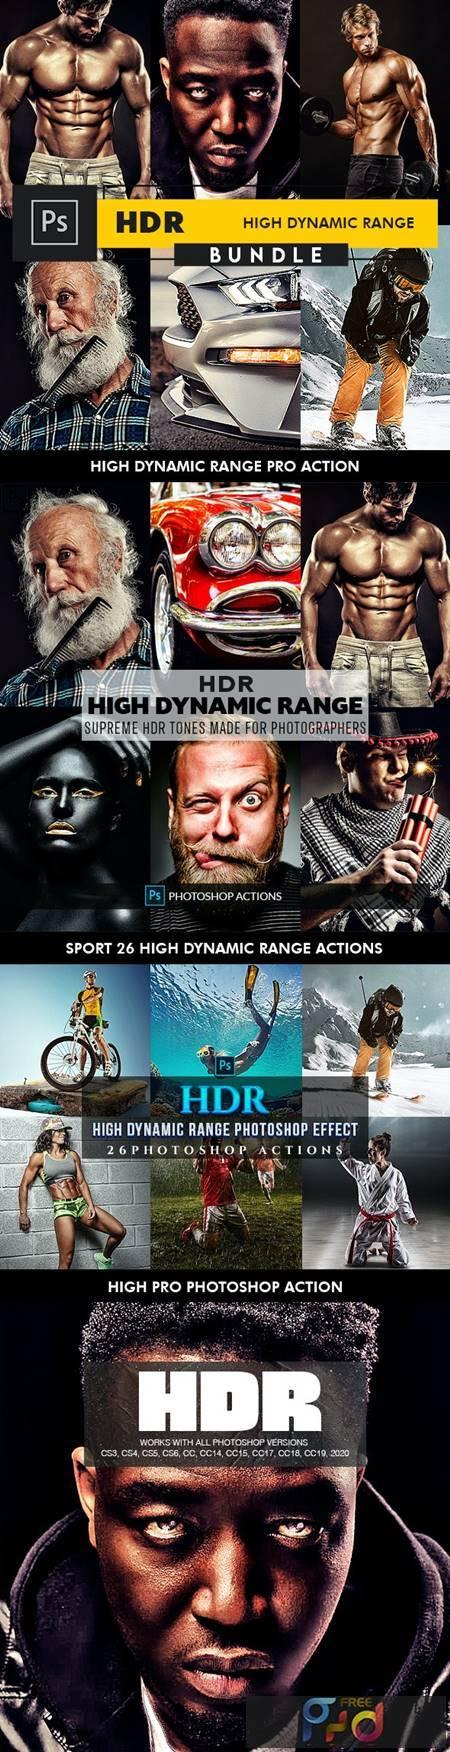 HDR Bundle - Photoshop Actions 27196533 1